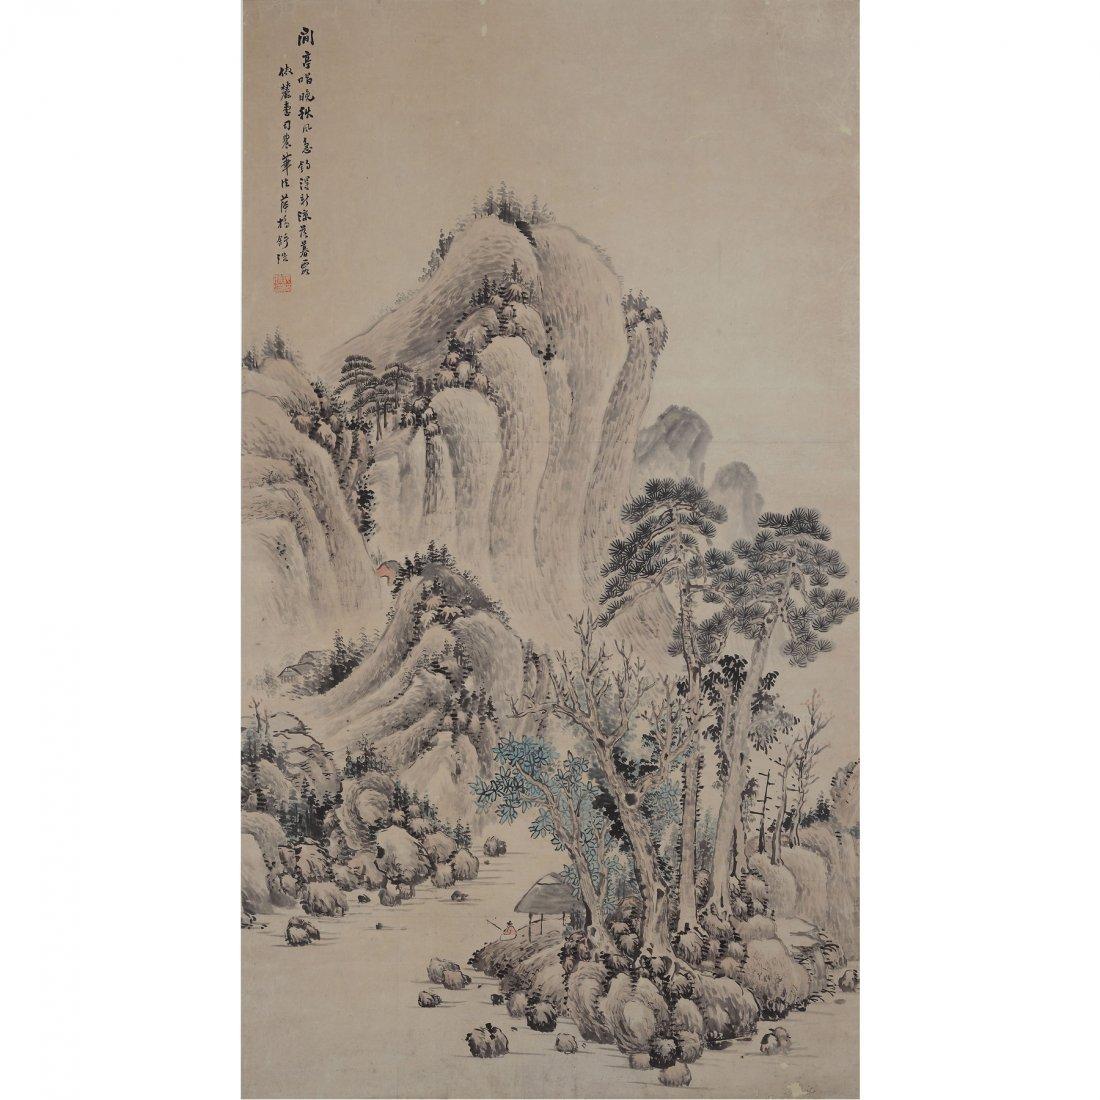 LANDSCAPE BY SHU HAO (1841-1901)